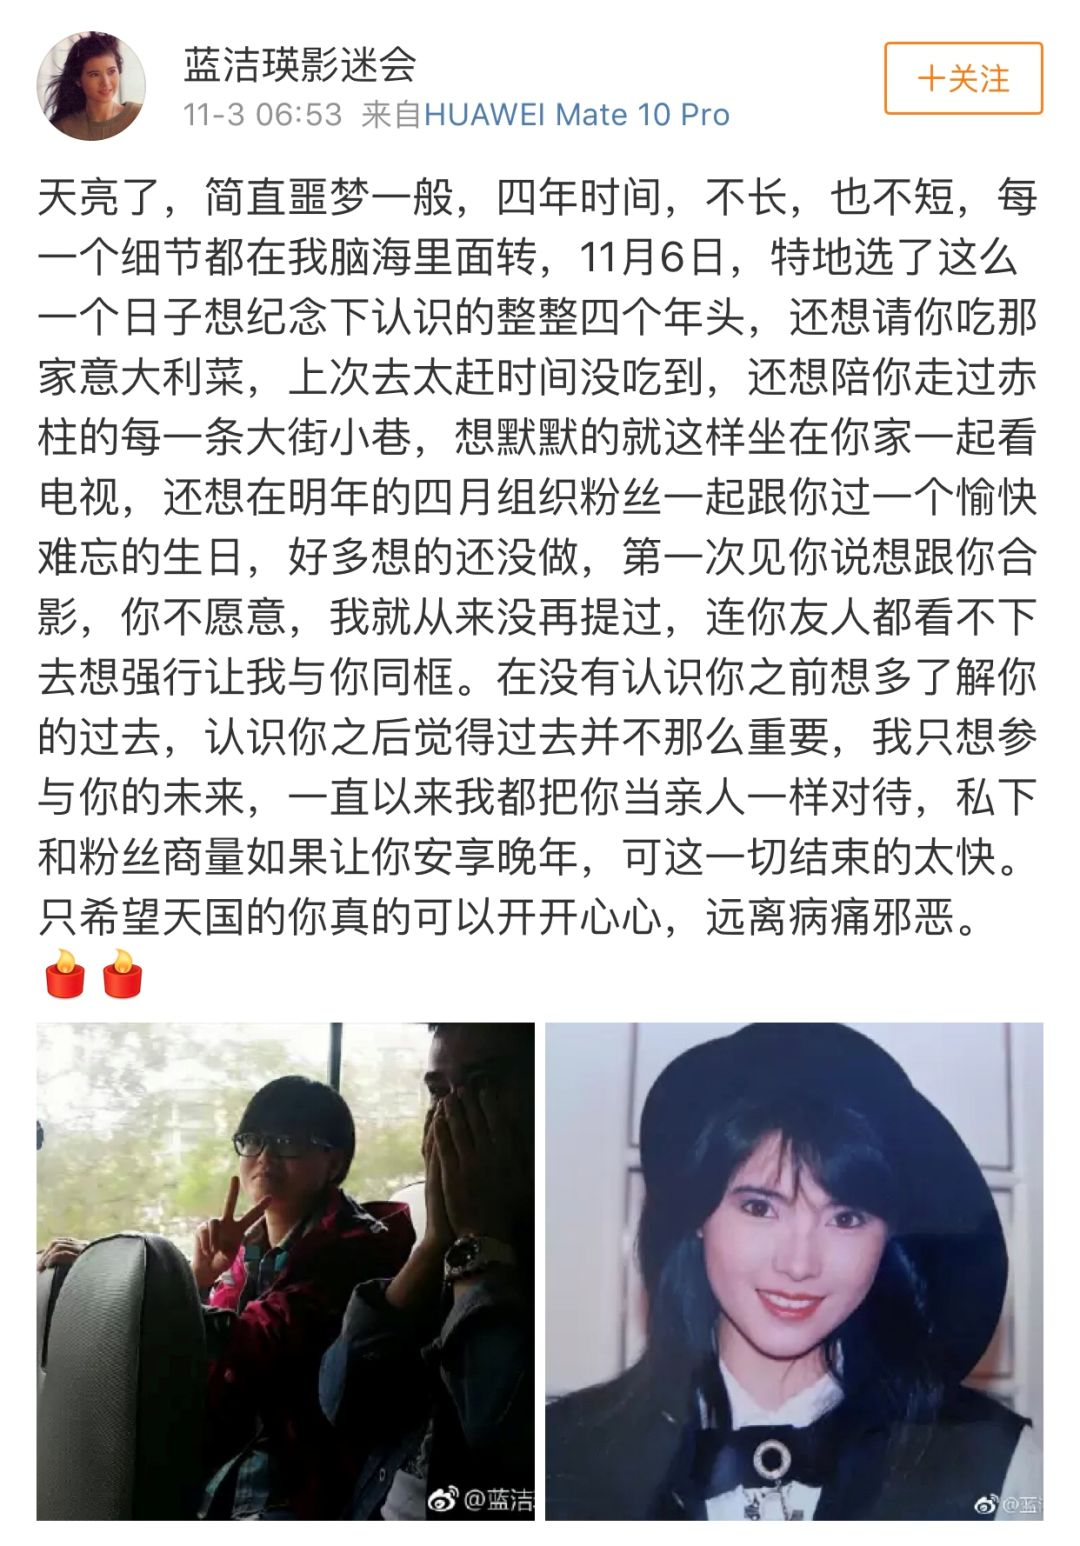 港媒称香港艺人蓝洁瑛去世 家属尚未证实(图)